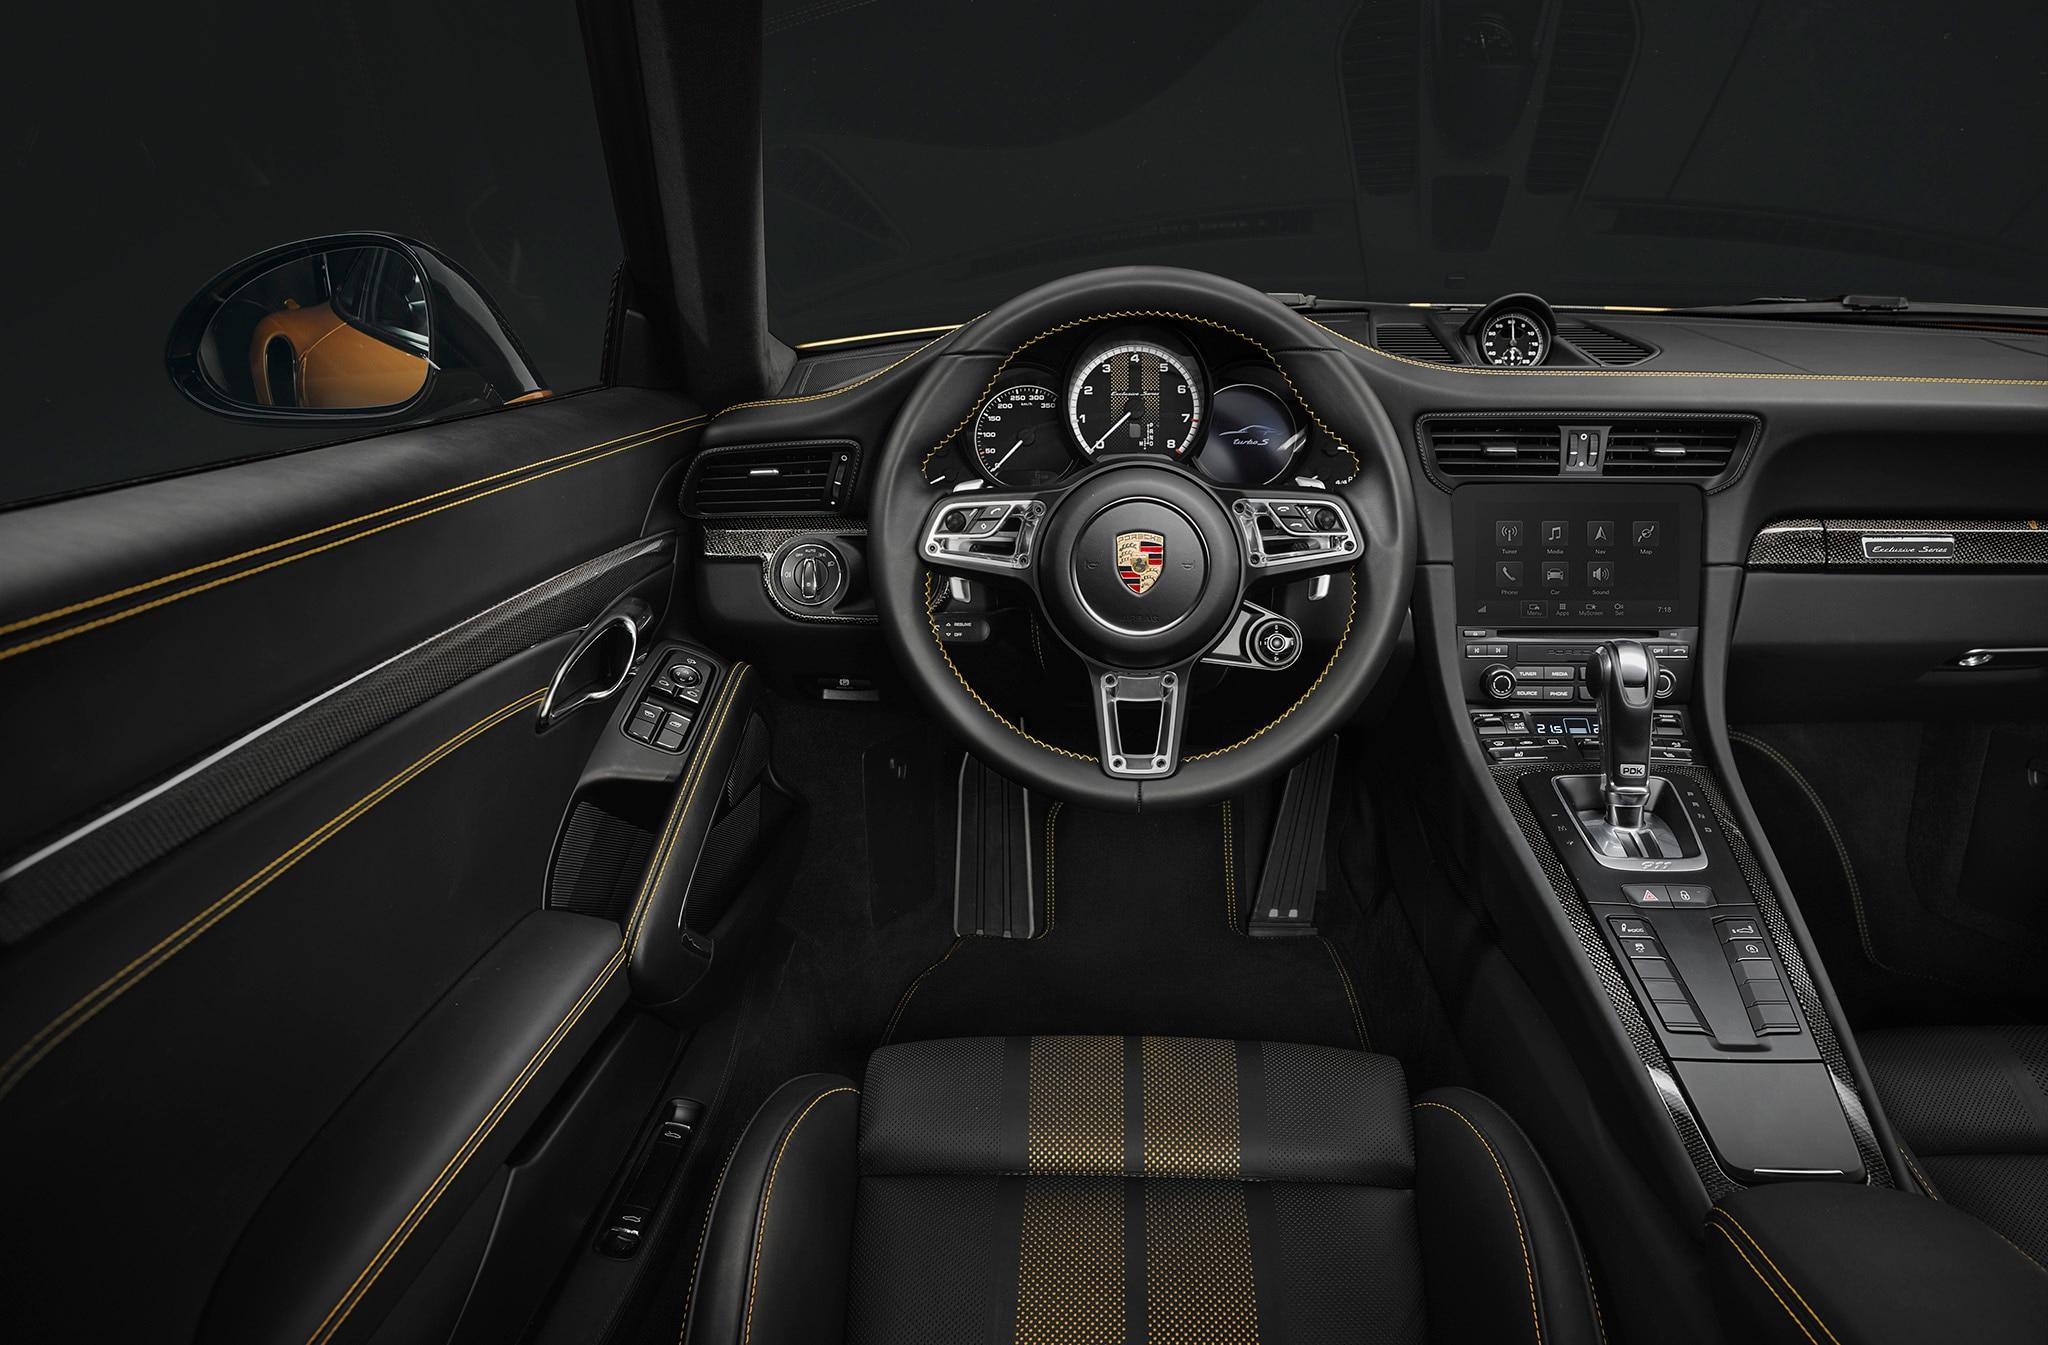 2018 Porsche 911 Turbo S Exclusive Series Is One Upmanship